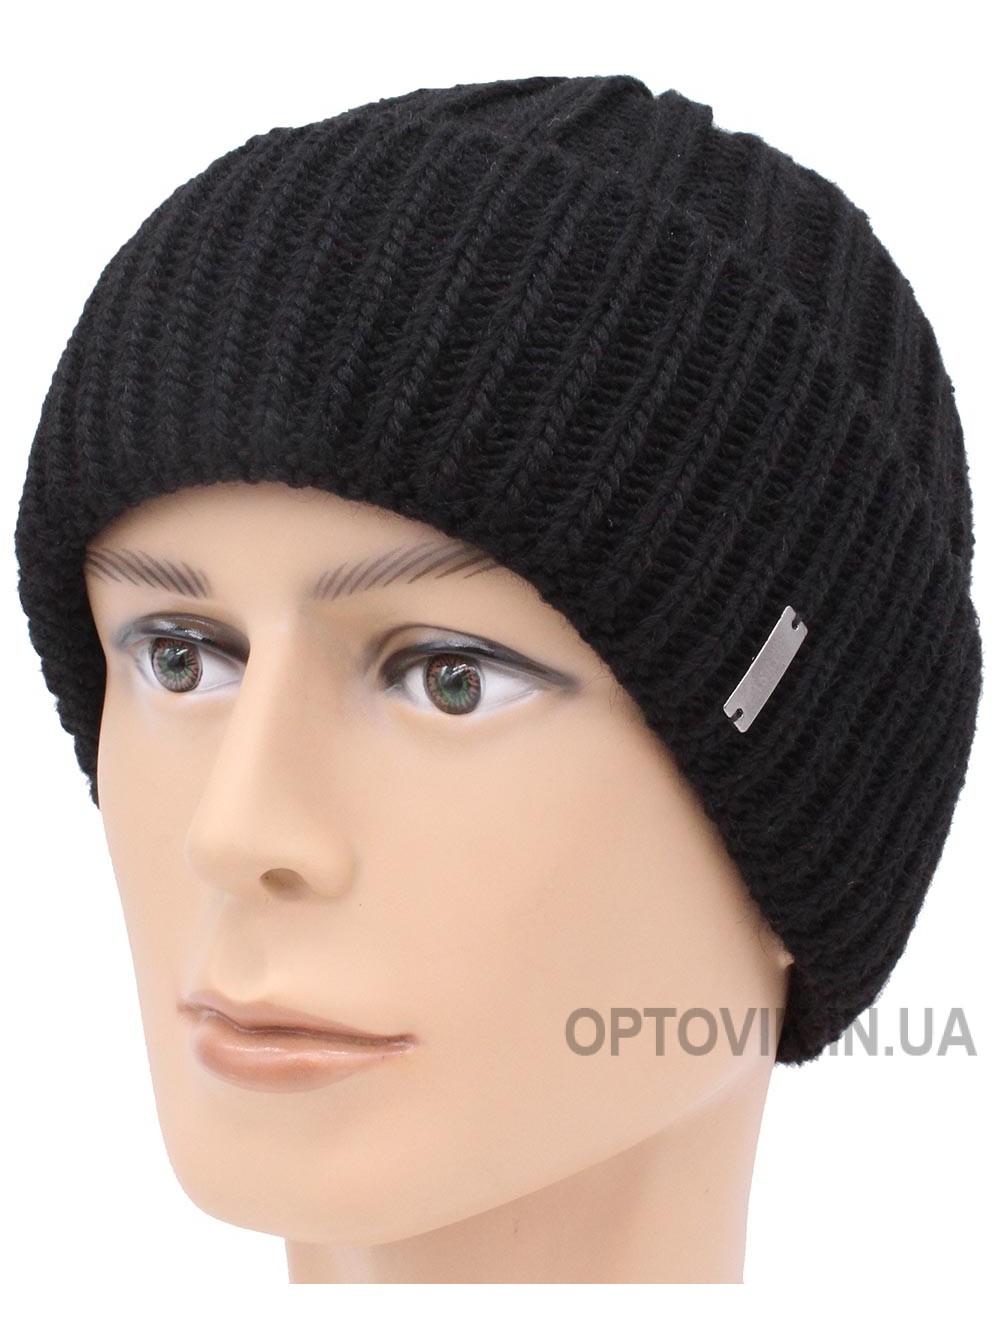 Детская вязаная шапка N25-16-54-56